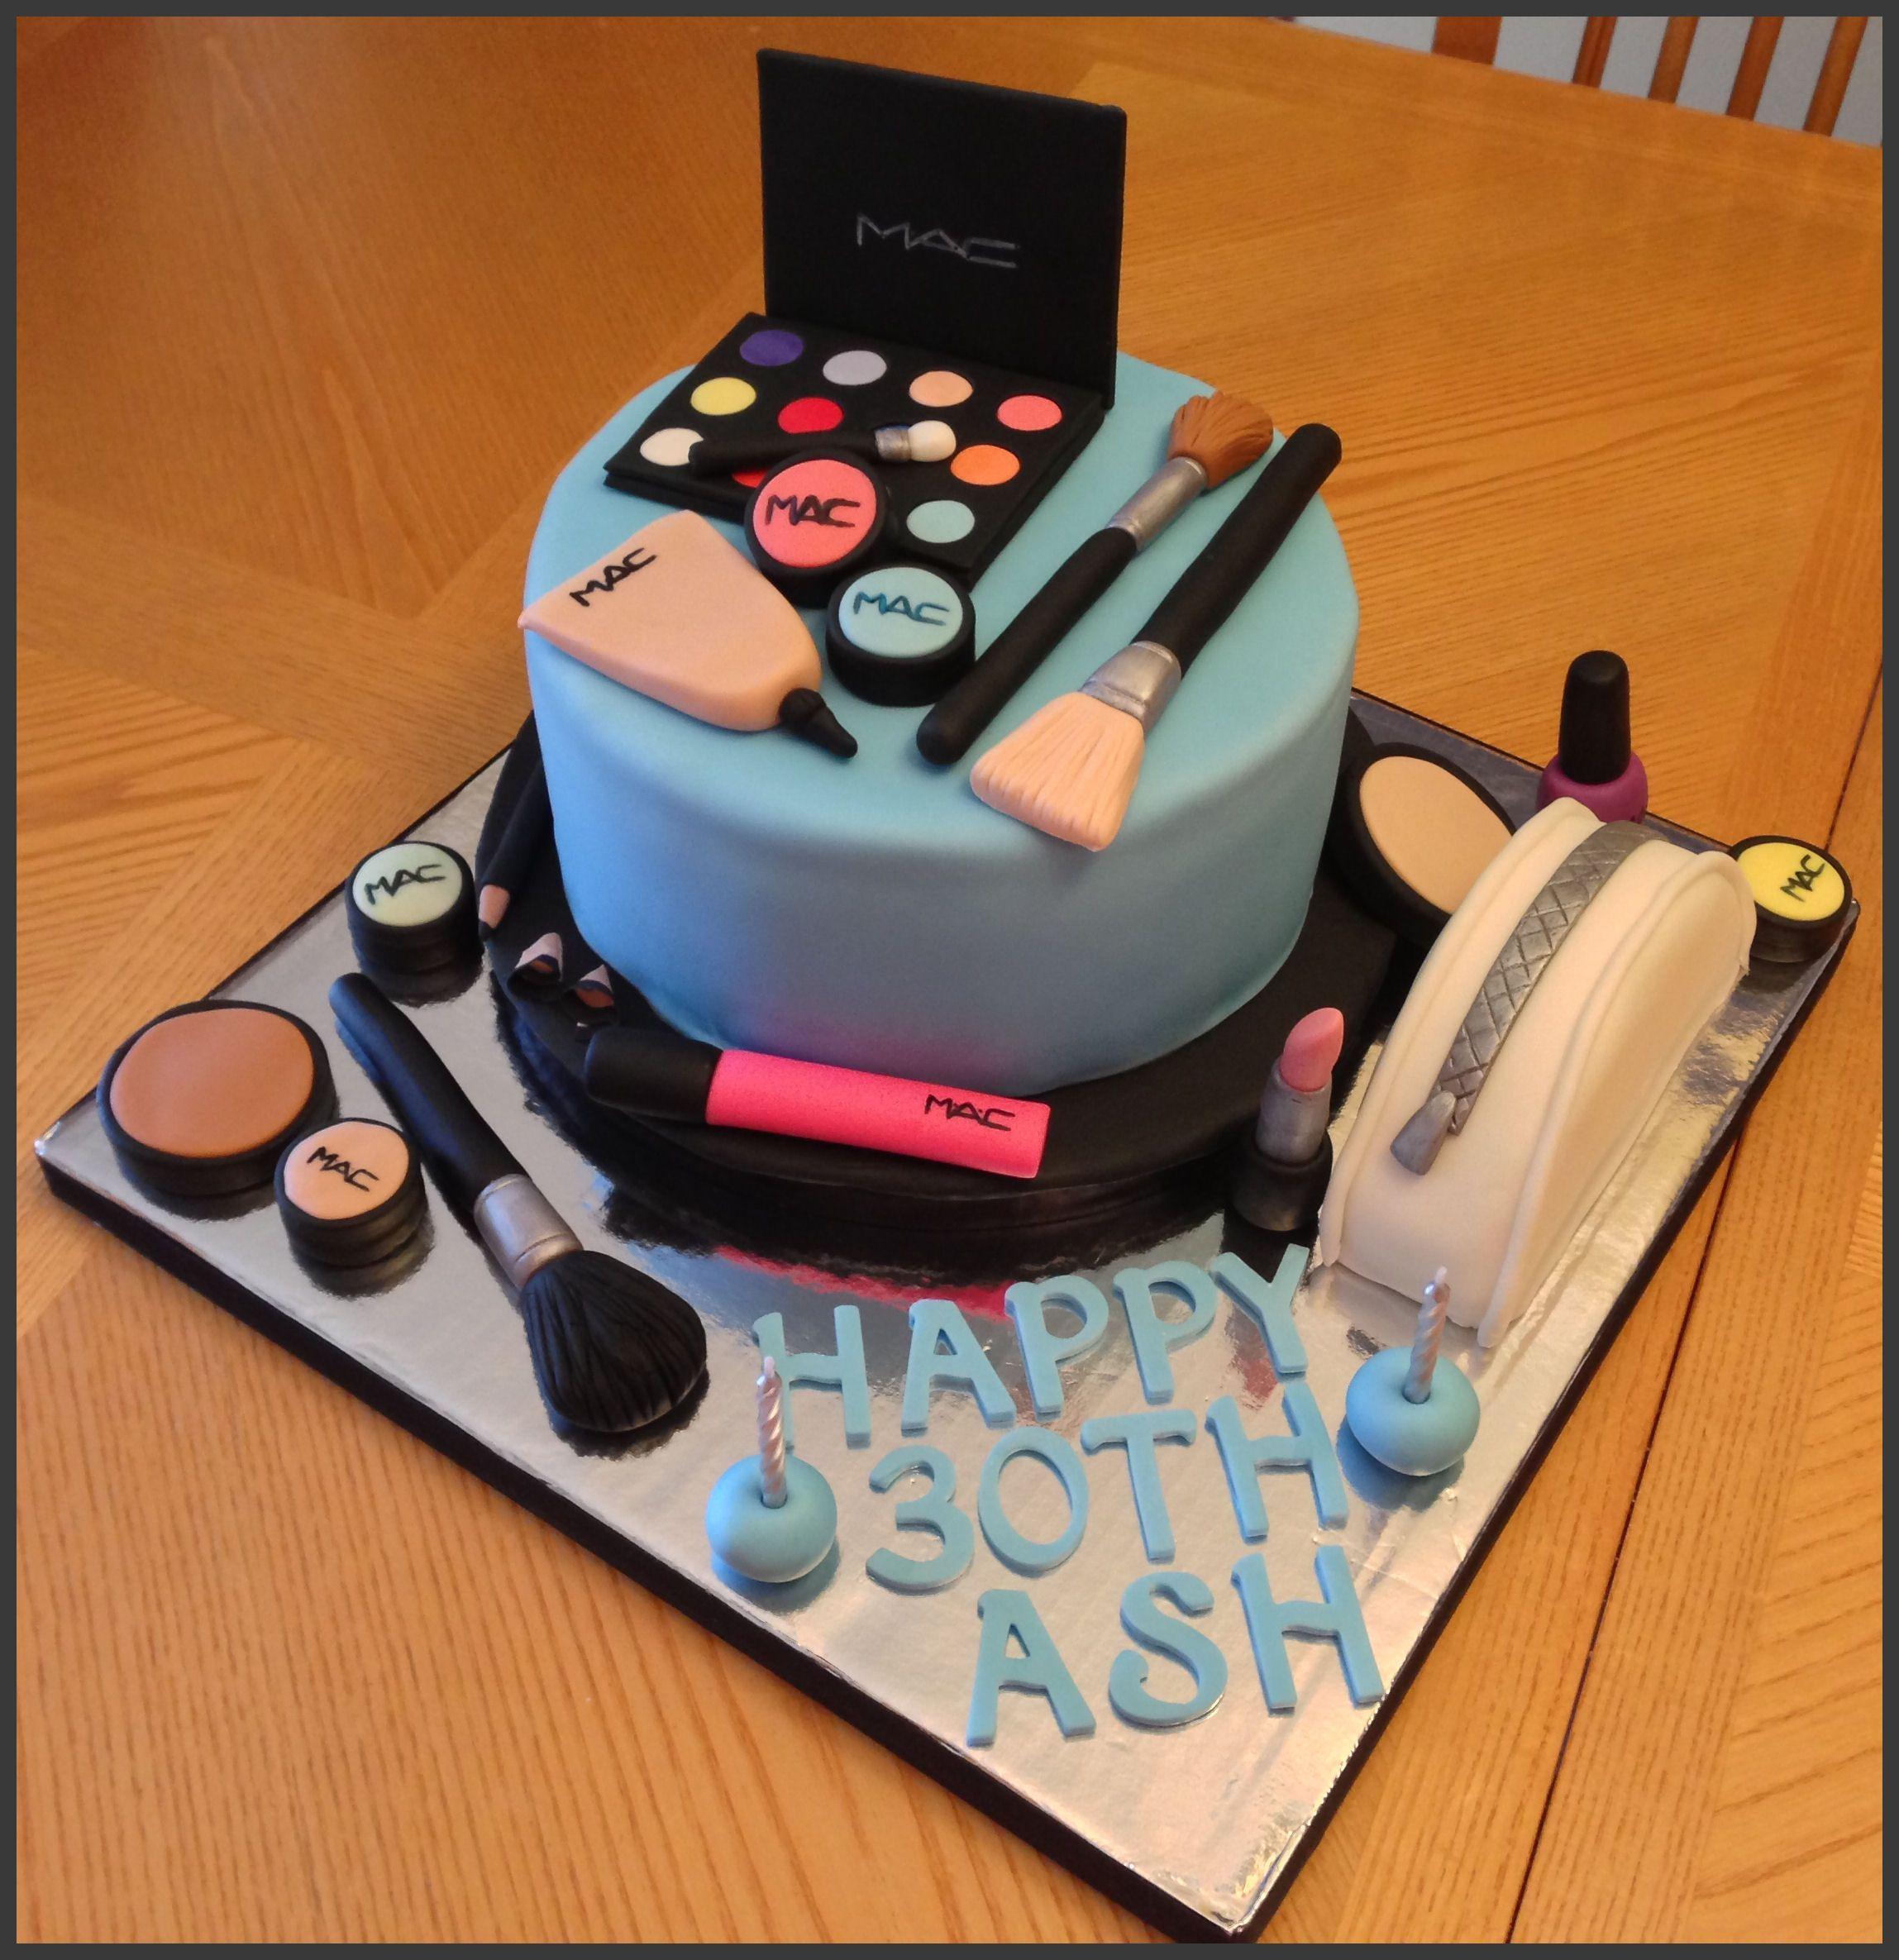 MAC Makeup Cake - MAC Makeup Cake. Amazing!